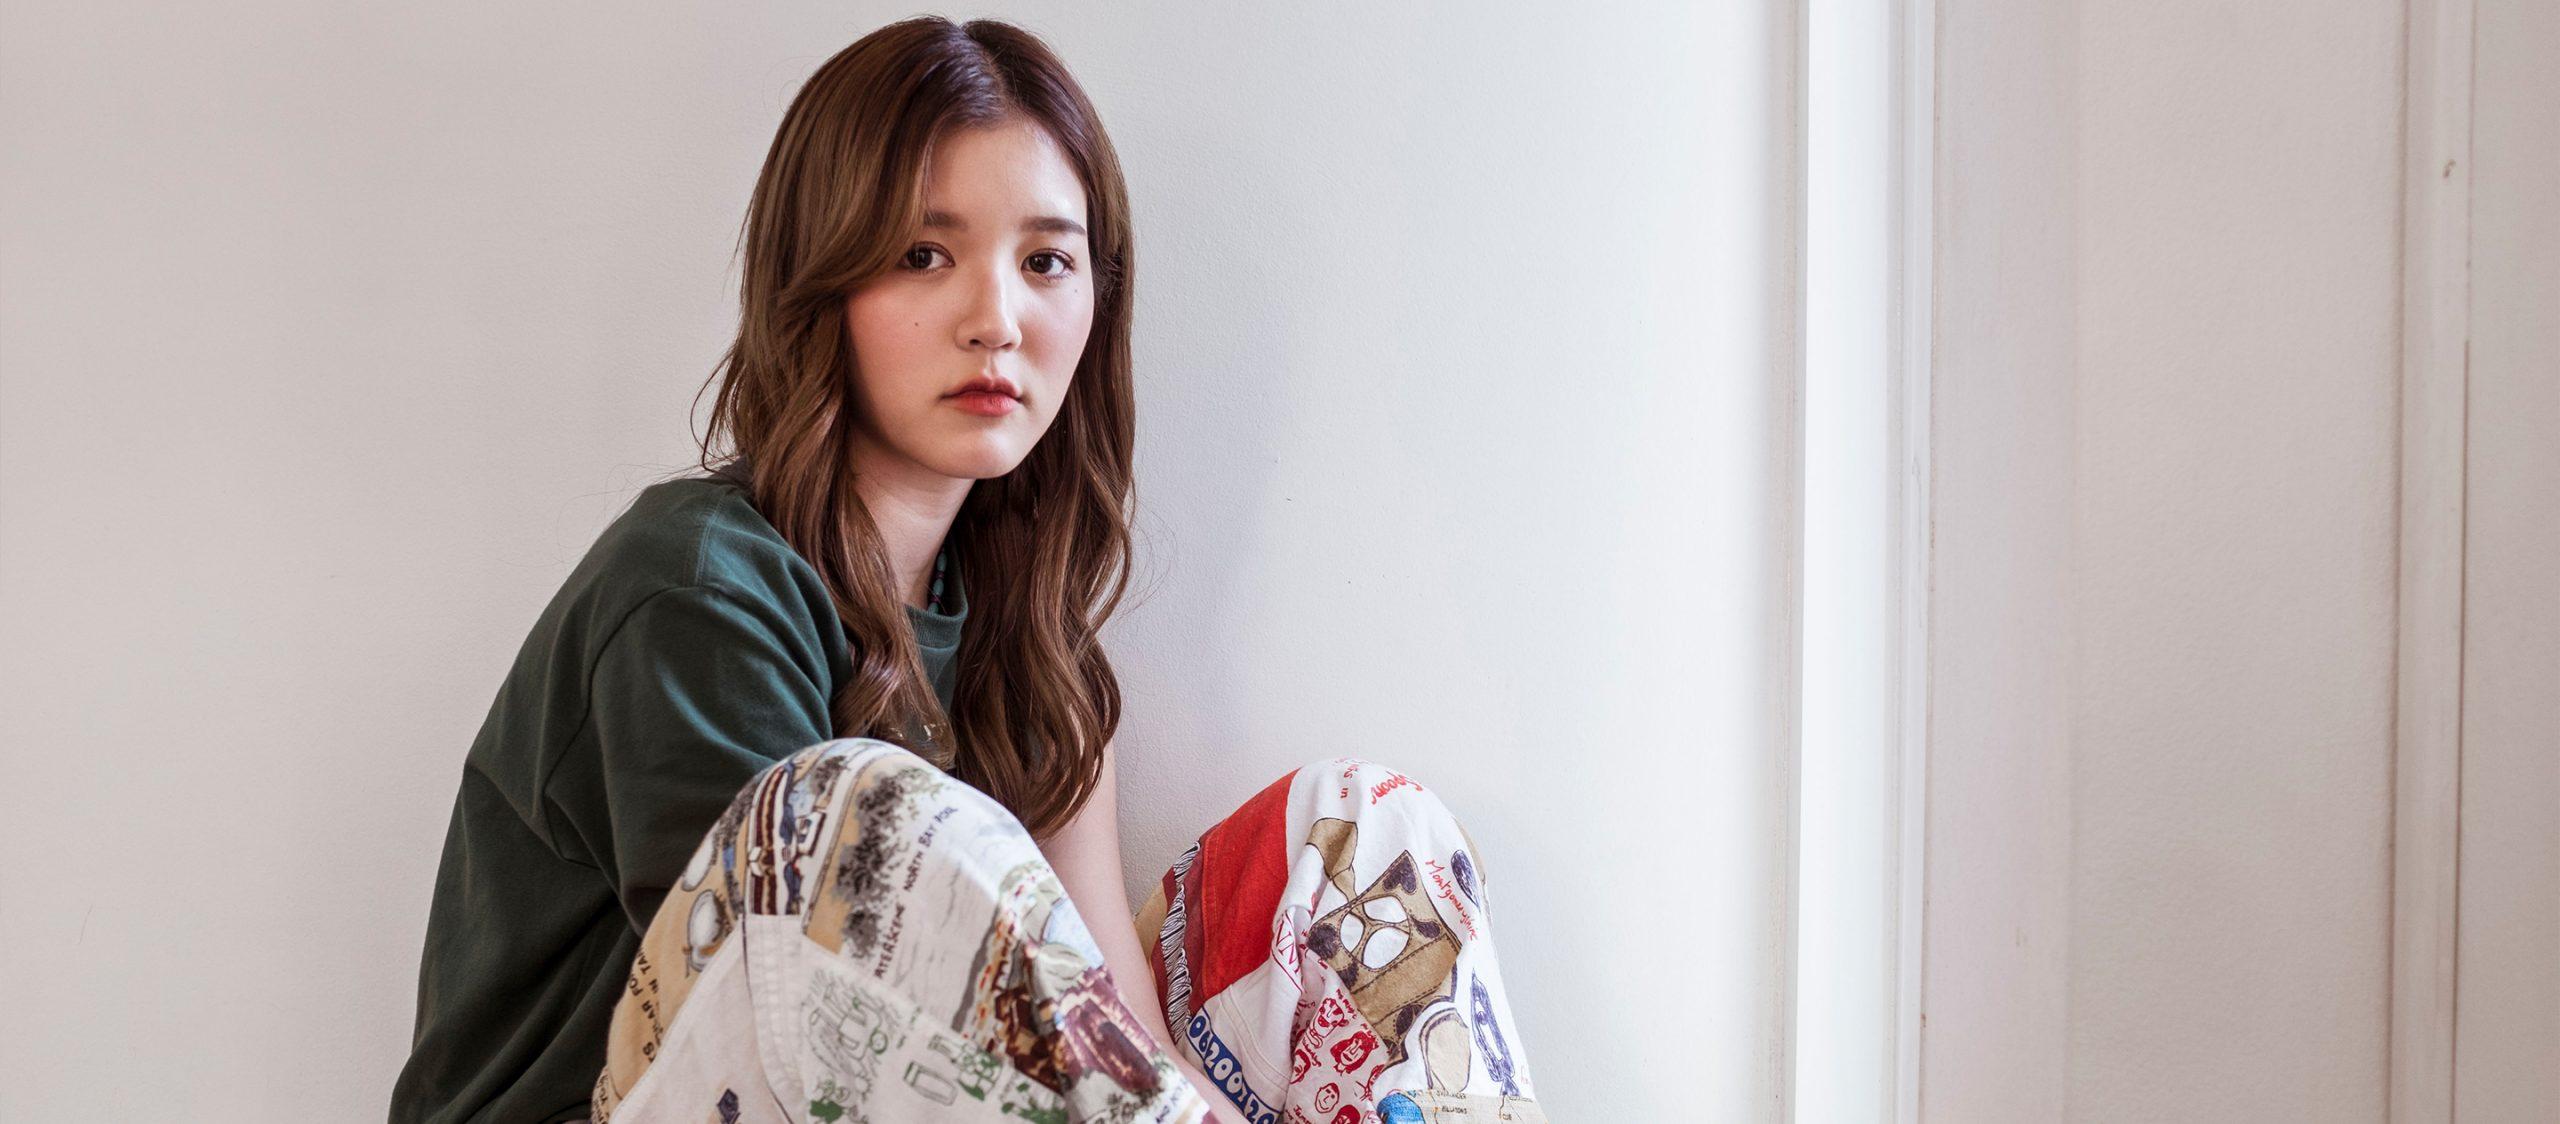 เฉลยข้อสอบการแสดงใน ฉลาดเกมส์โกง แบบไม่โกงโดยอดีตเด็กดื้อที่ชื่อ จูเน่